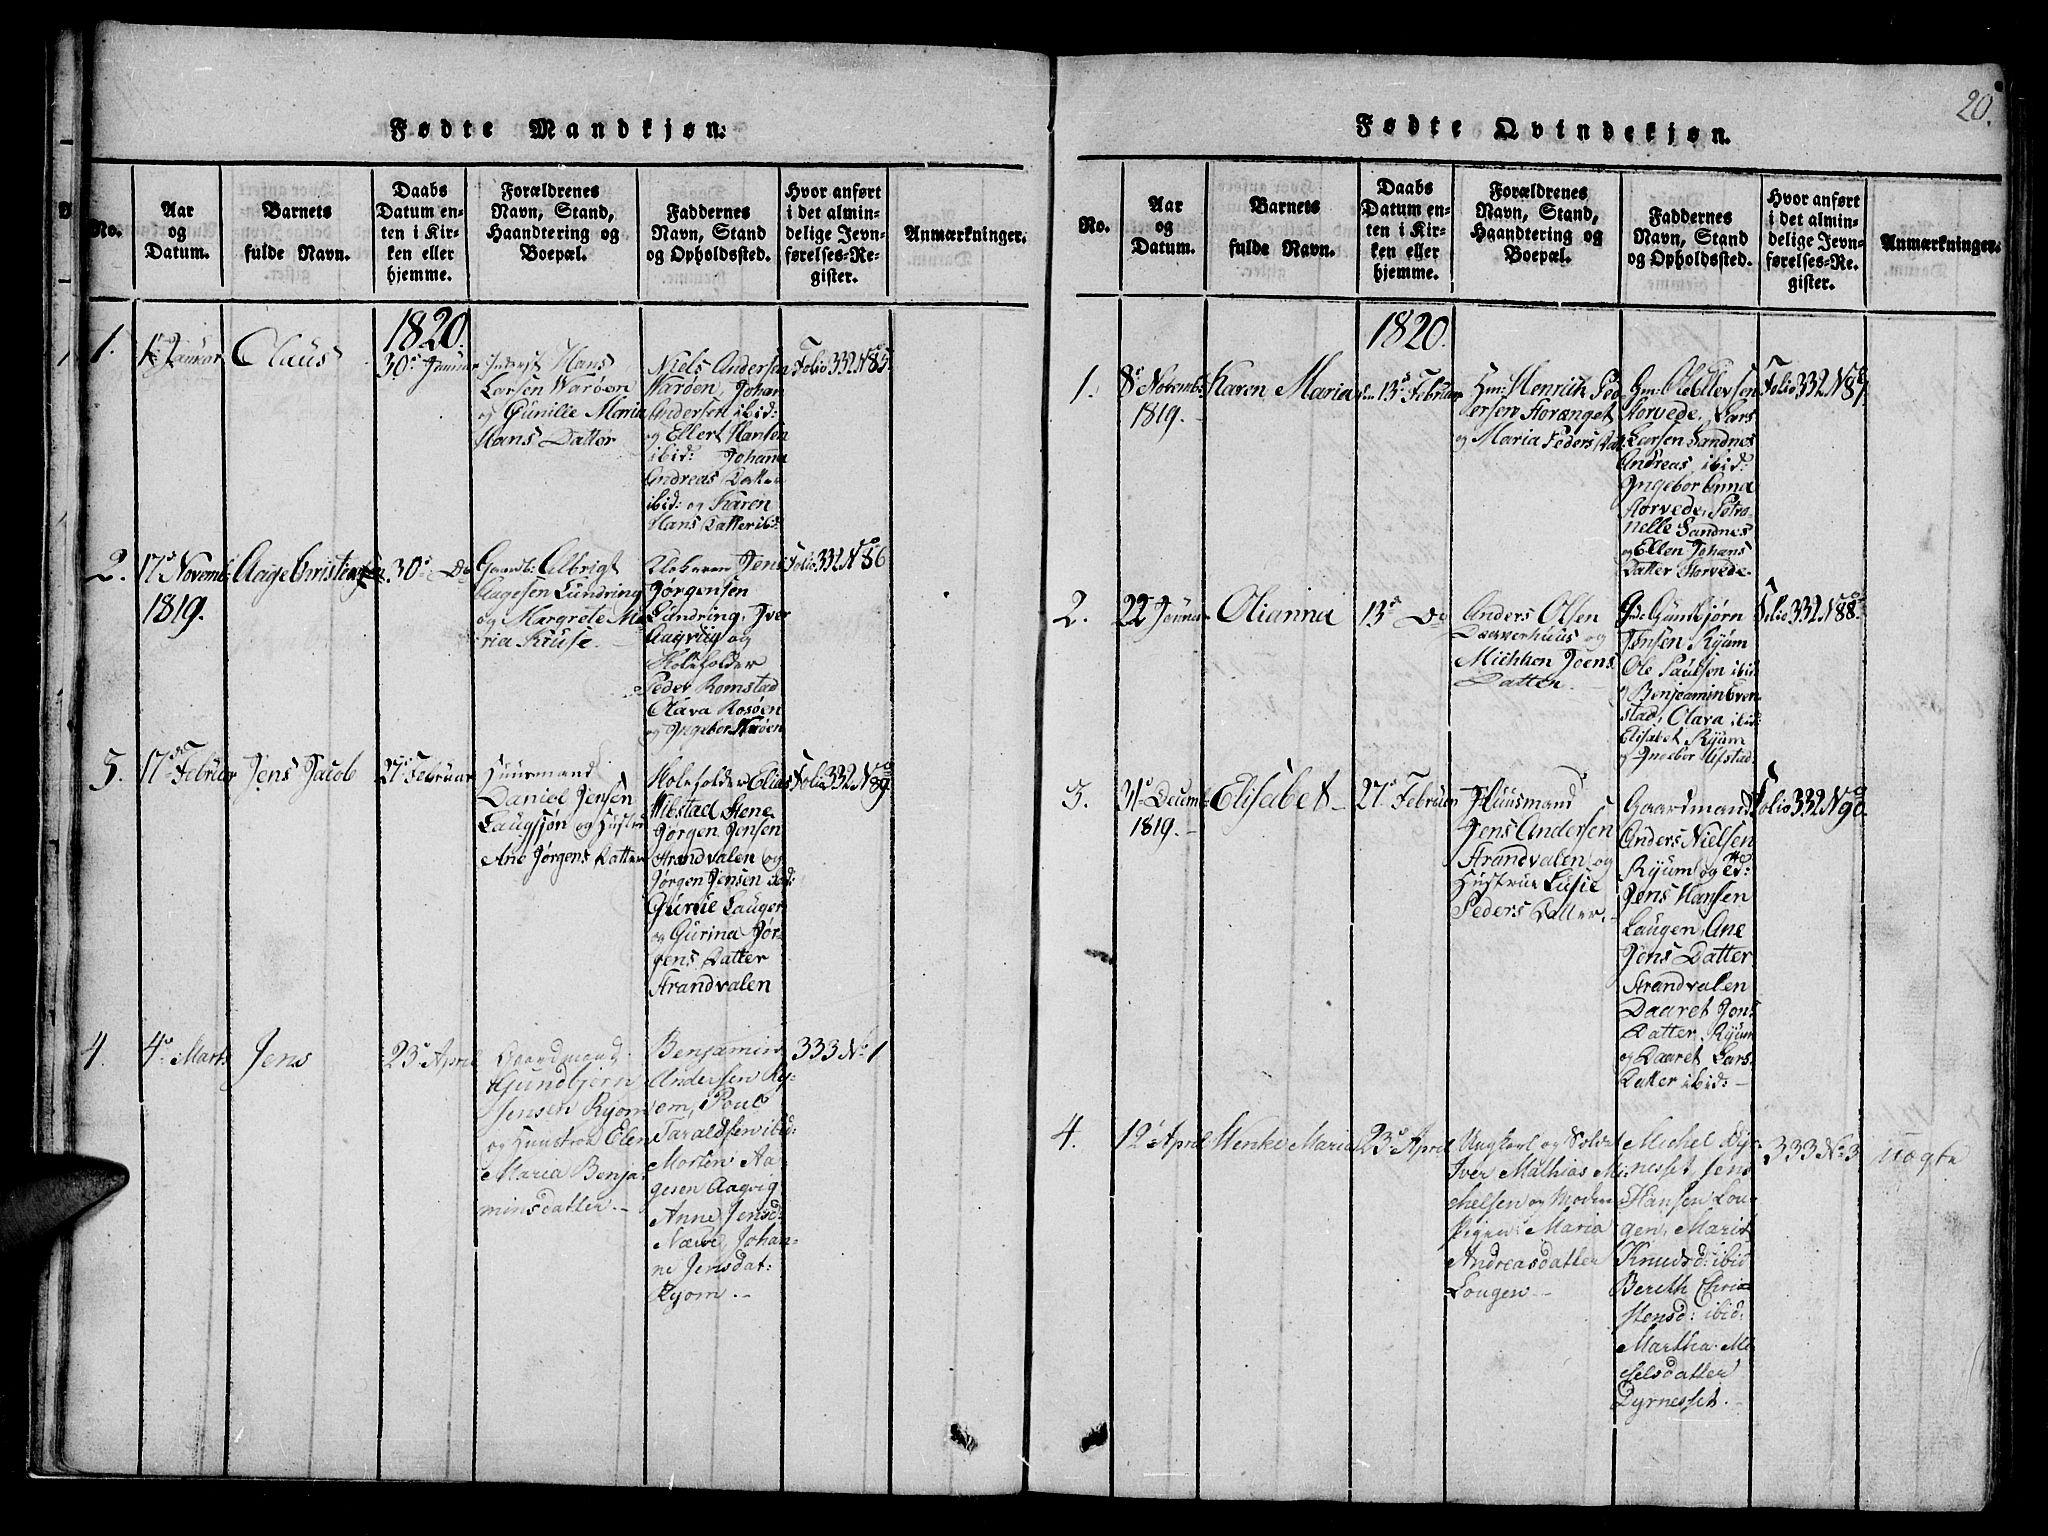 SAT, Ministerialprotokoller, klokkerbøker og fødselsregistre - Nord-Trøndelag, 784/L0667: Ministerialbok nr. 784A03 /1, 1816-1829, s. 20